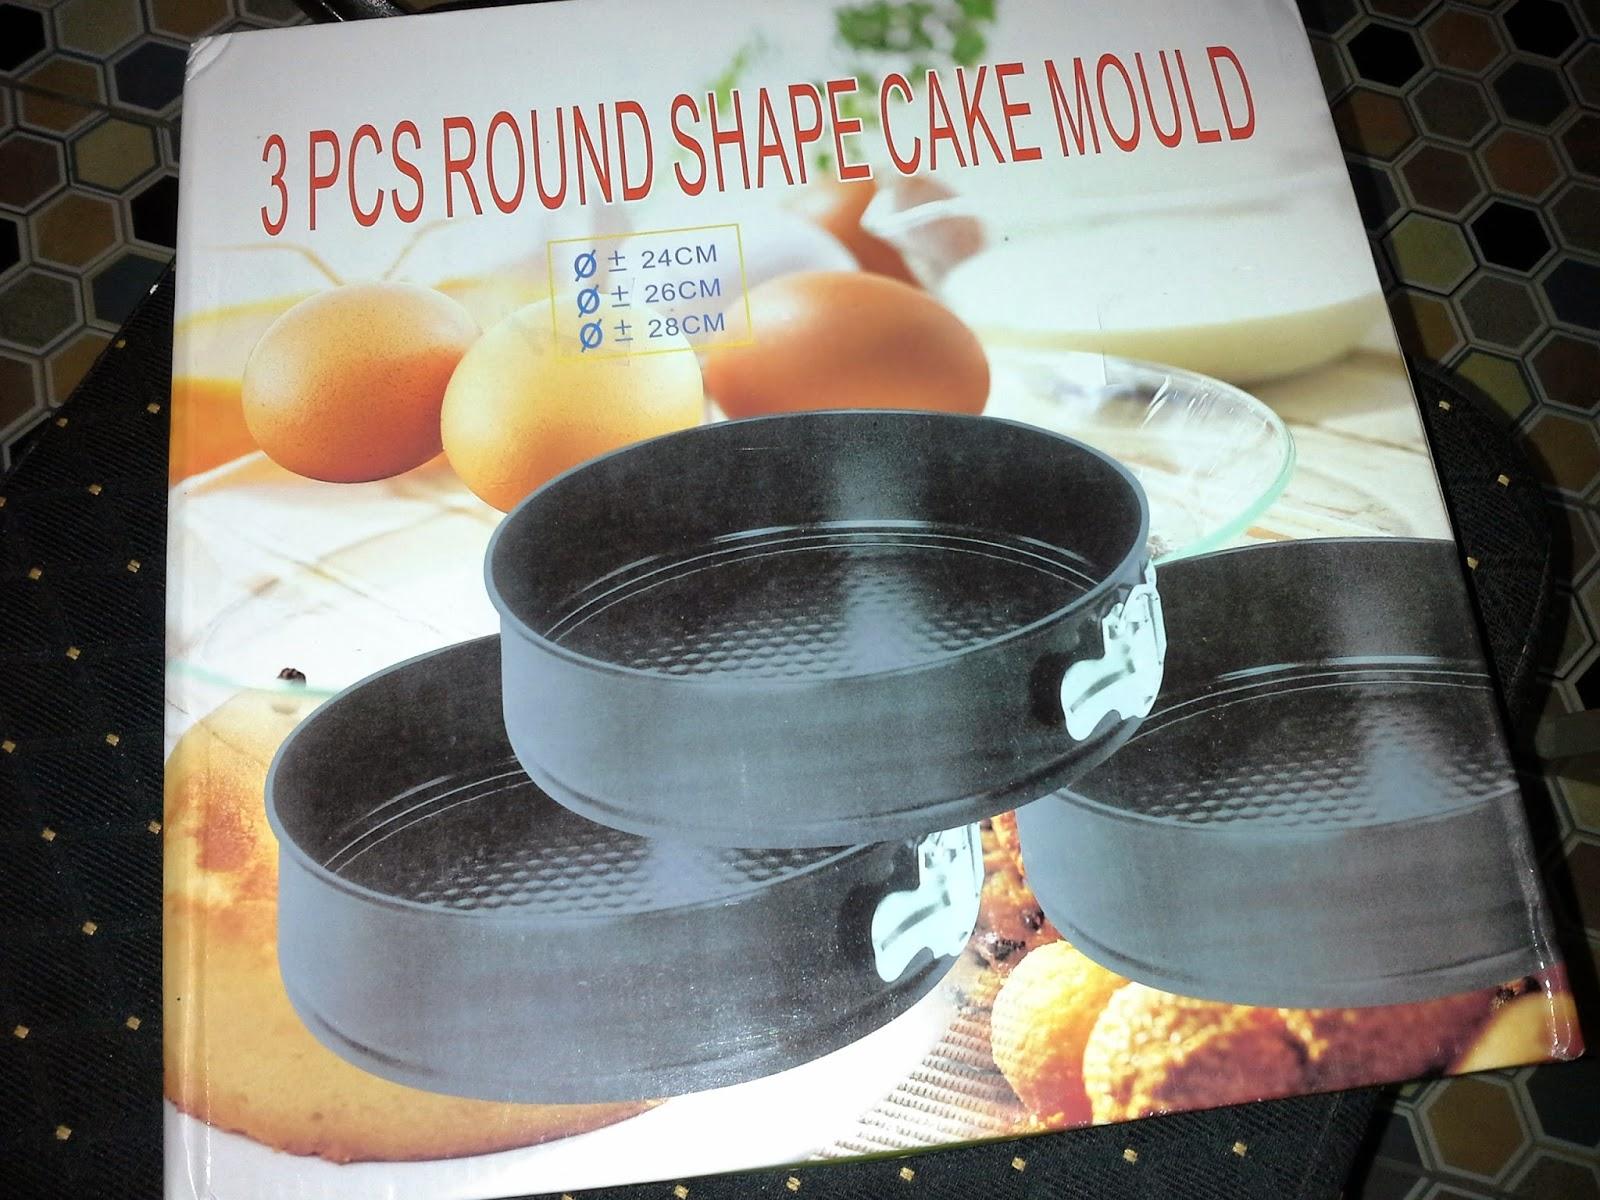 round shape cake mould